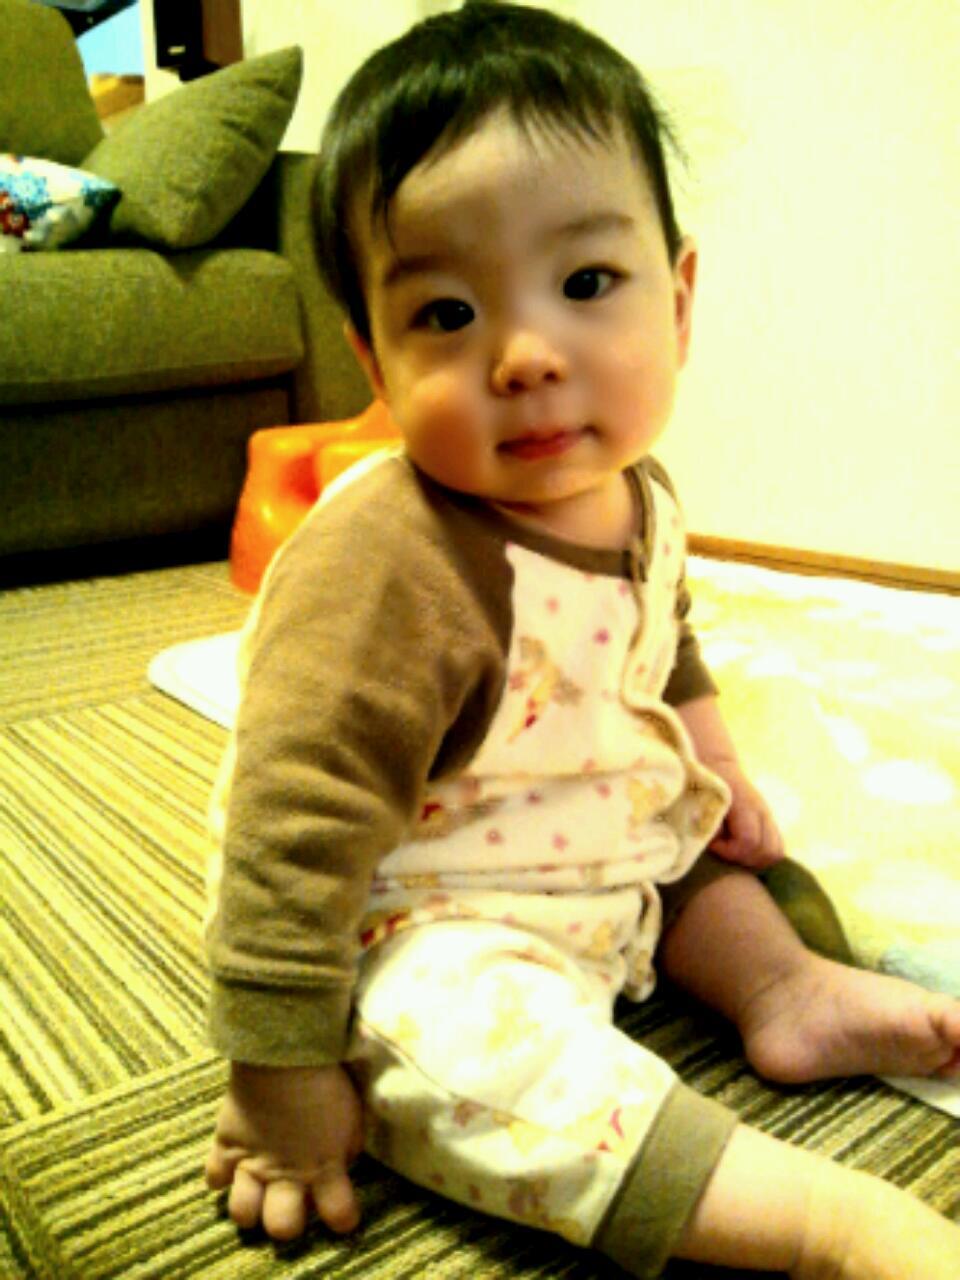 「息子8ヶ月。初めての発熱。」_e0149717_21485833.jpg